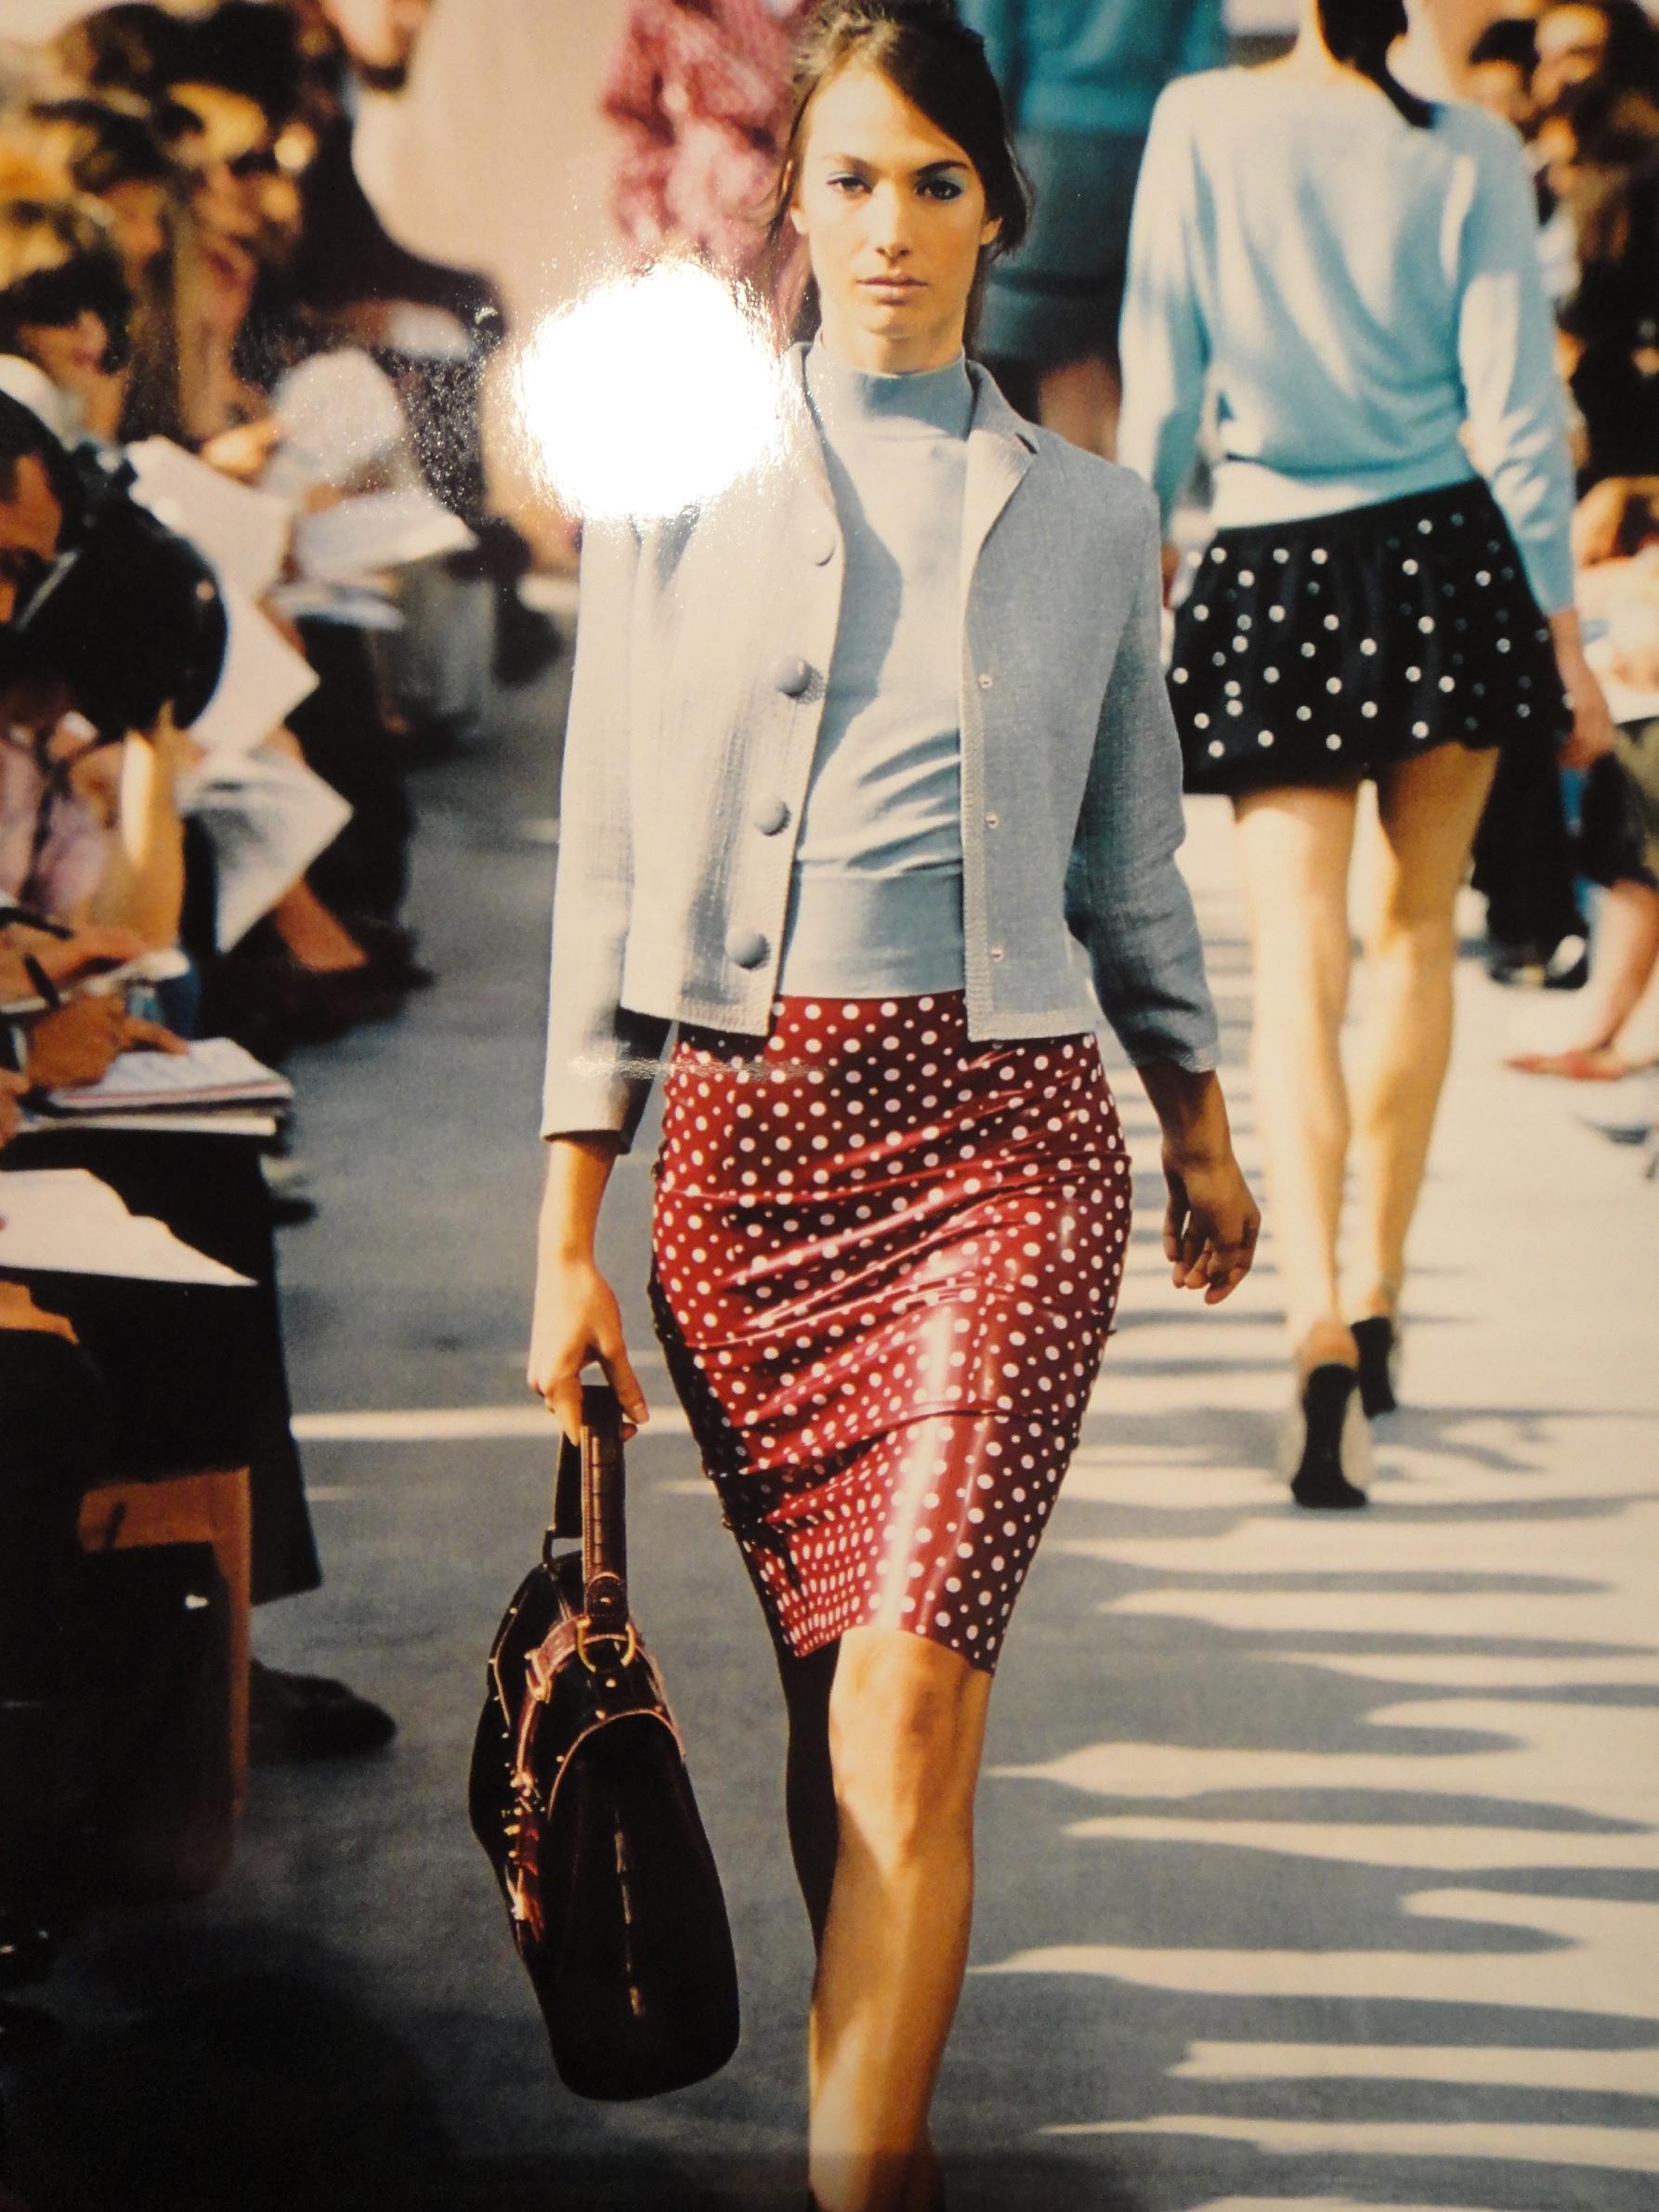 Spring Summer collection 2003 - (c) Louis Vuitton